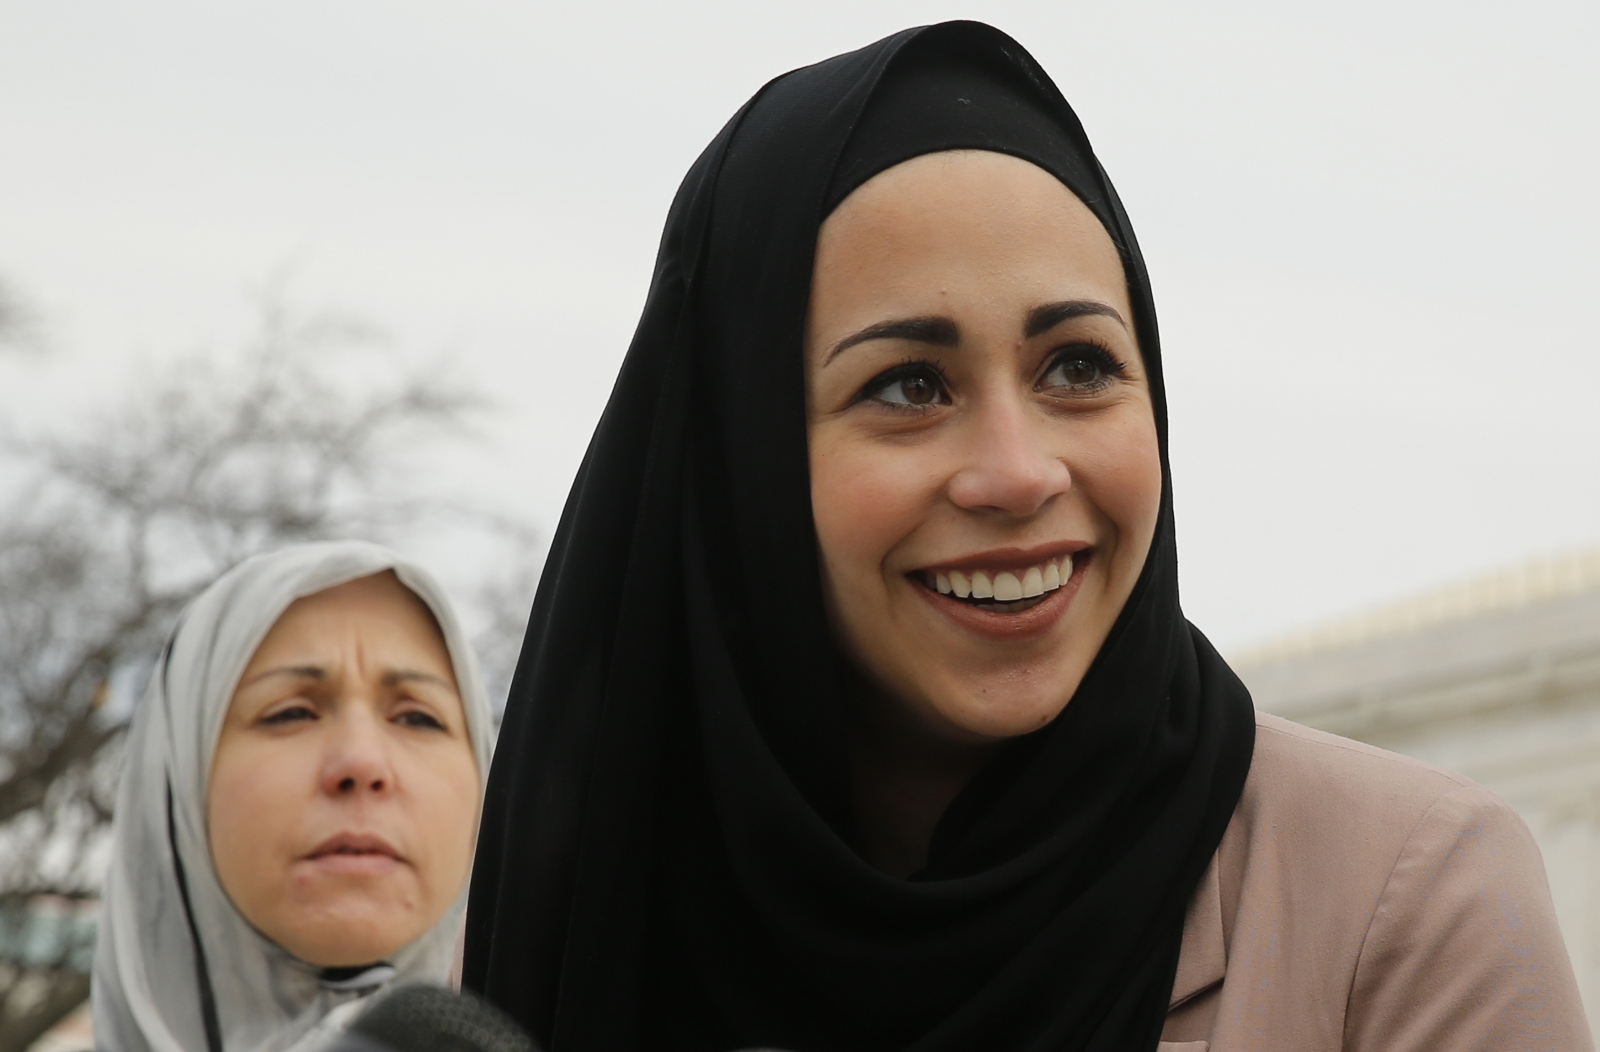 Muslim woman Samantha Elauf